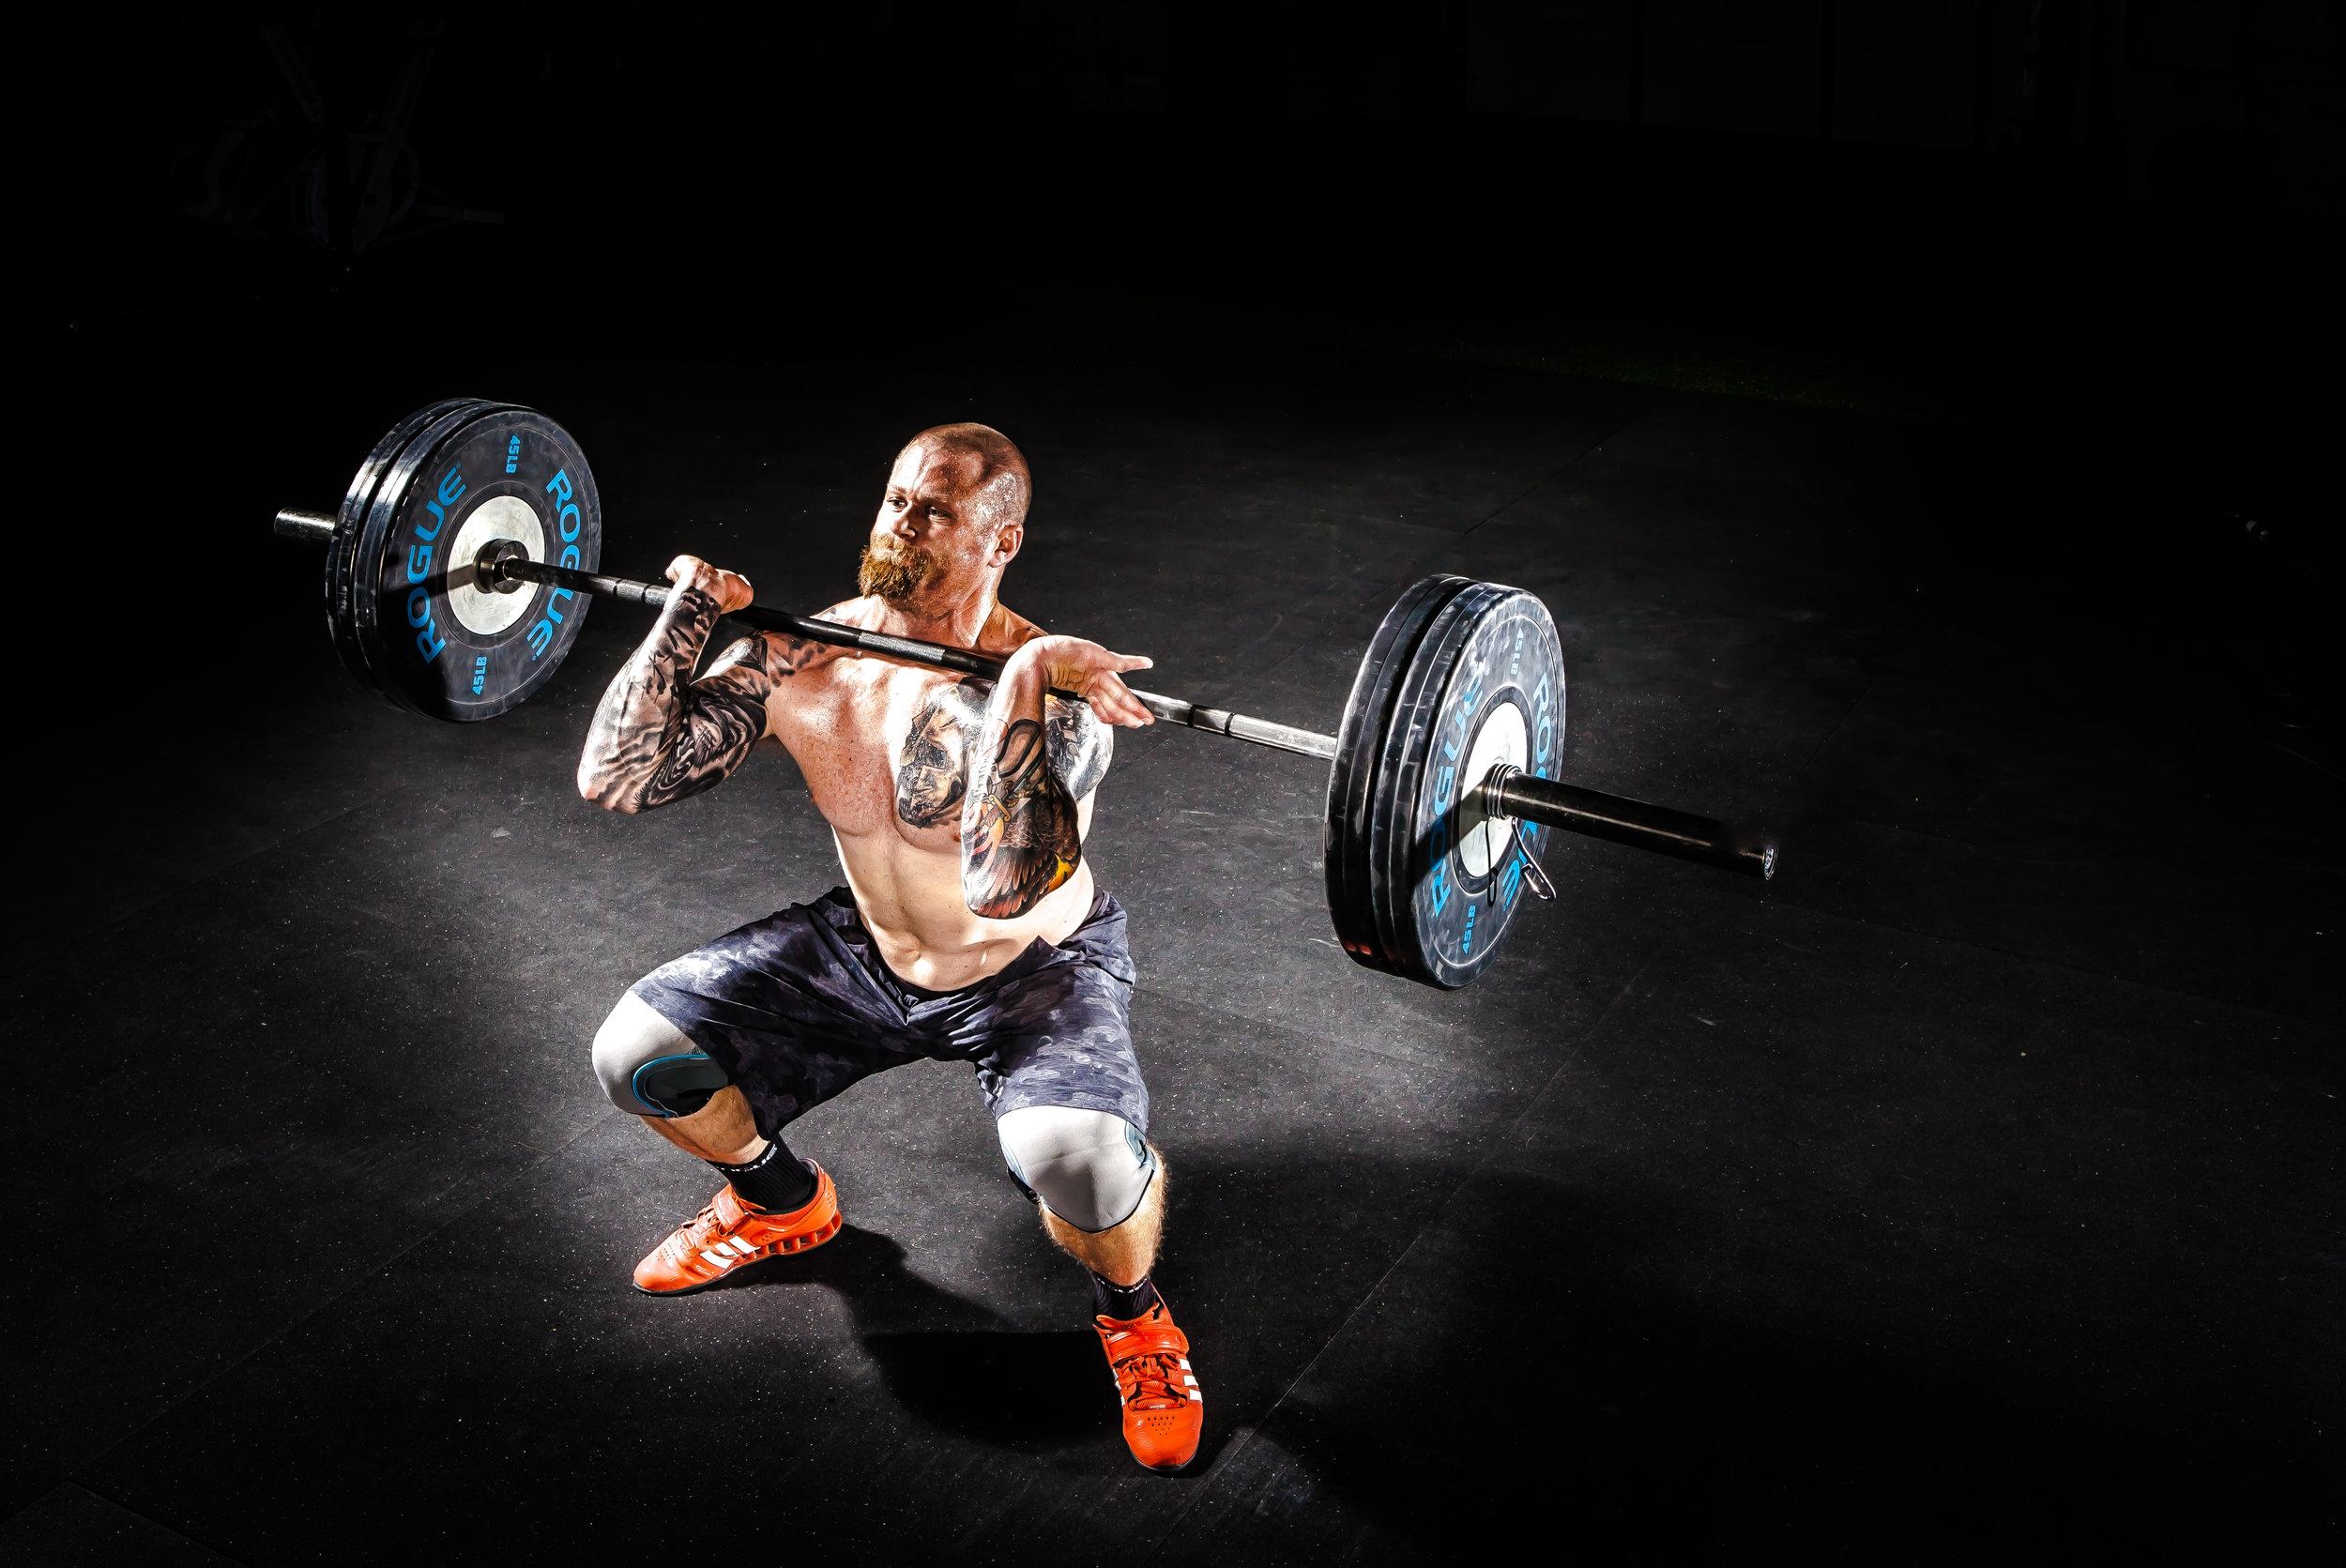 weight lifter.jpeg